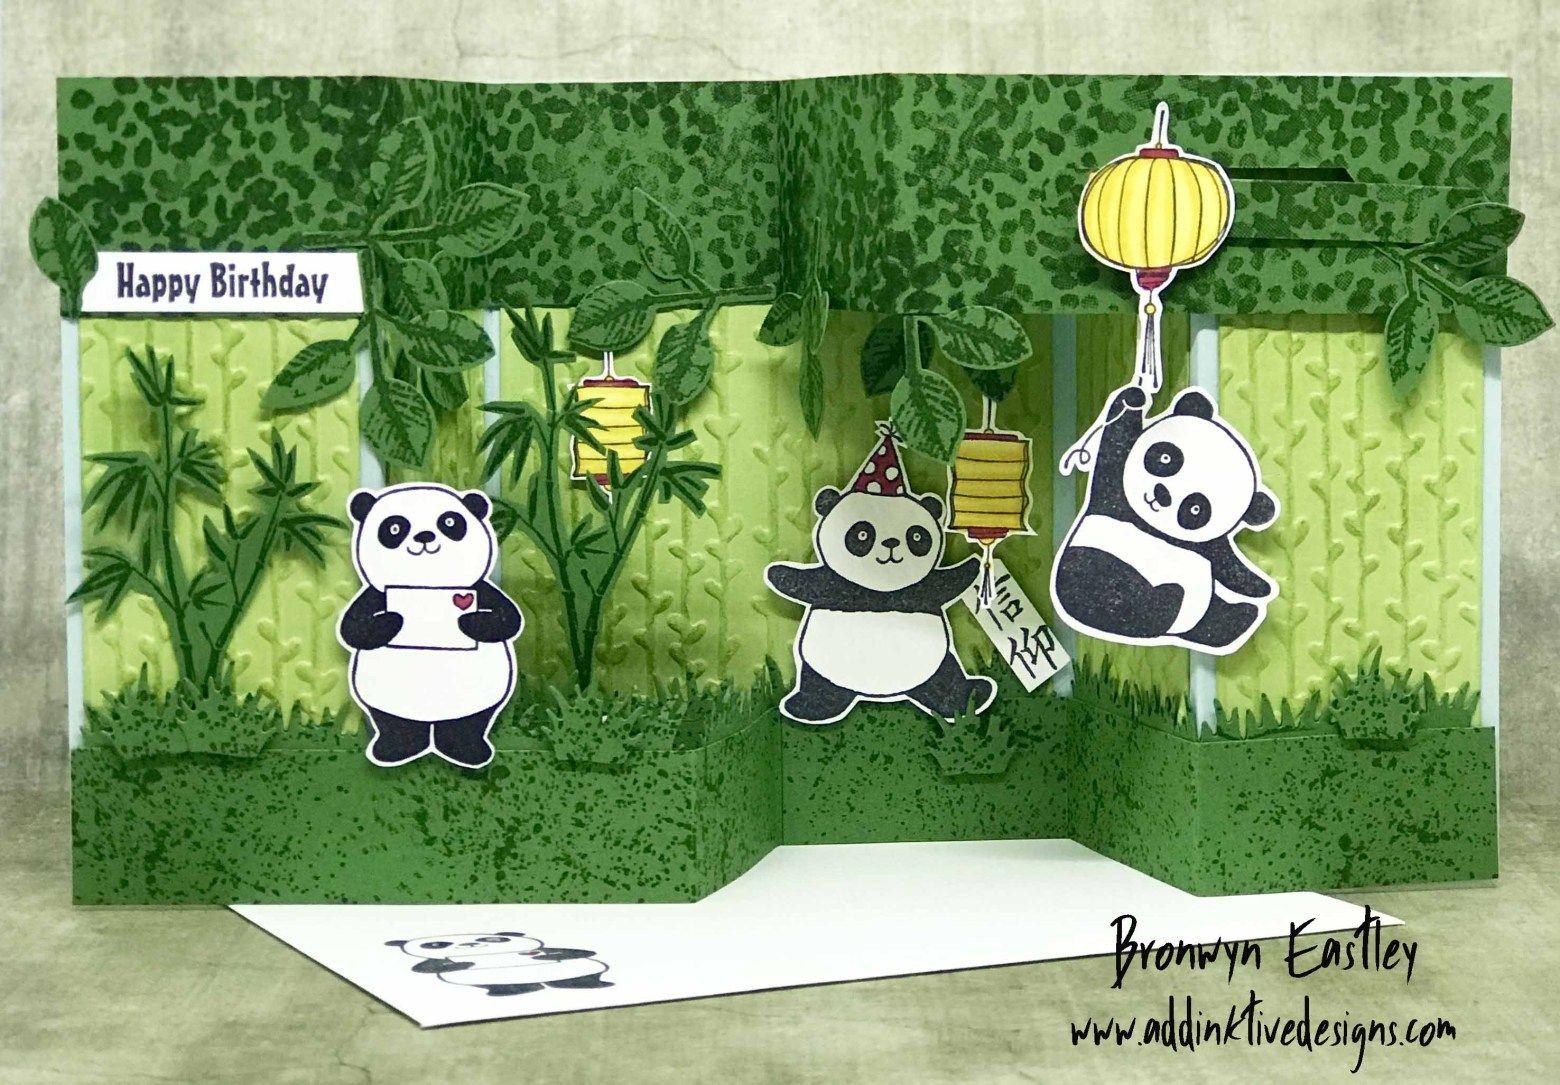 Kitten Popup Card Free Template Diy Pop Up Cards Pop Up Card Templates Birthday Card Pop Up